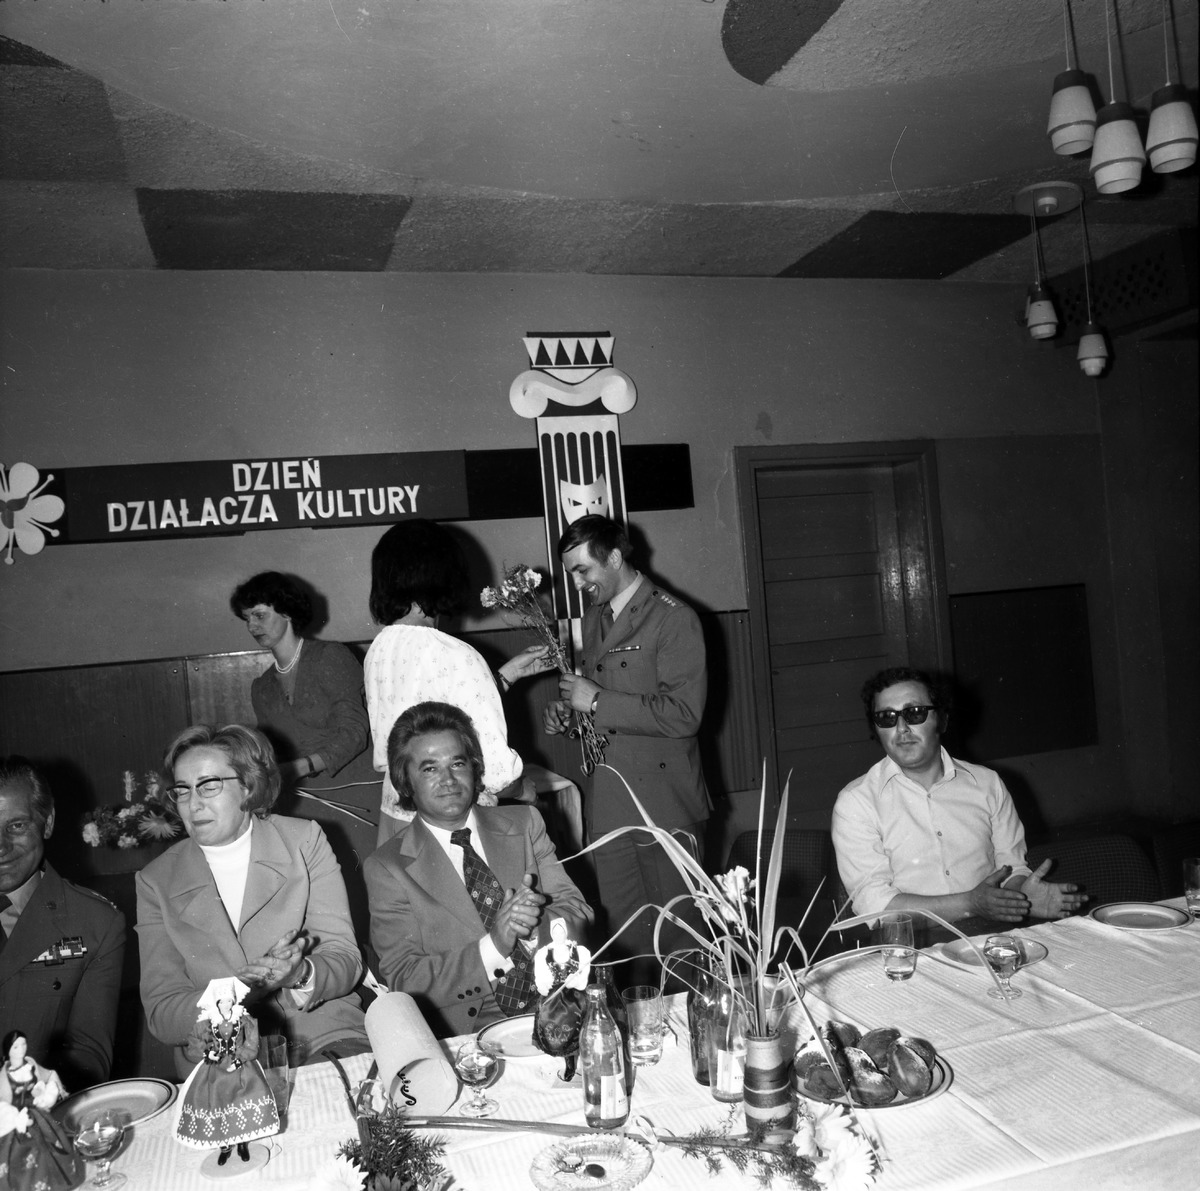 Obchody Dnia Działacza Kultury, 1979 r. [7]